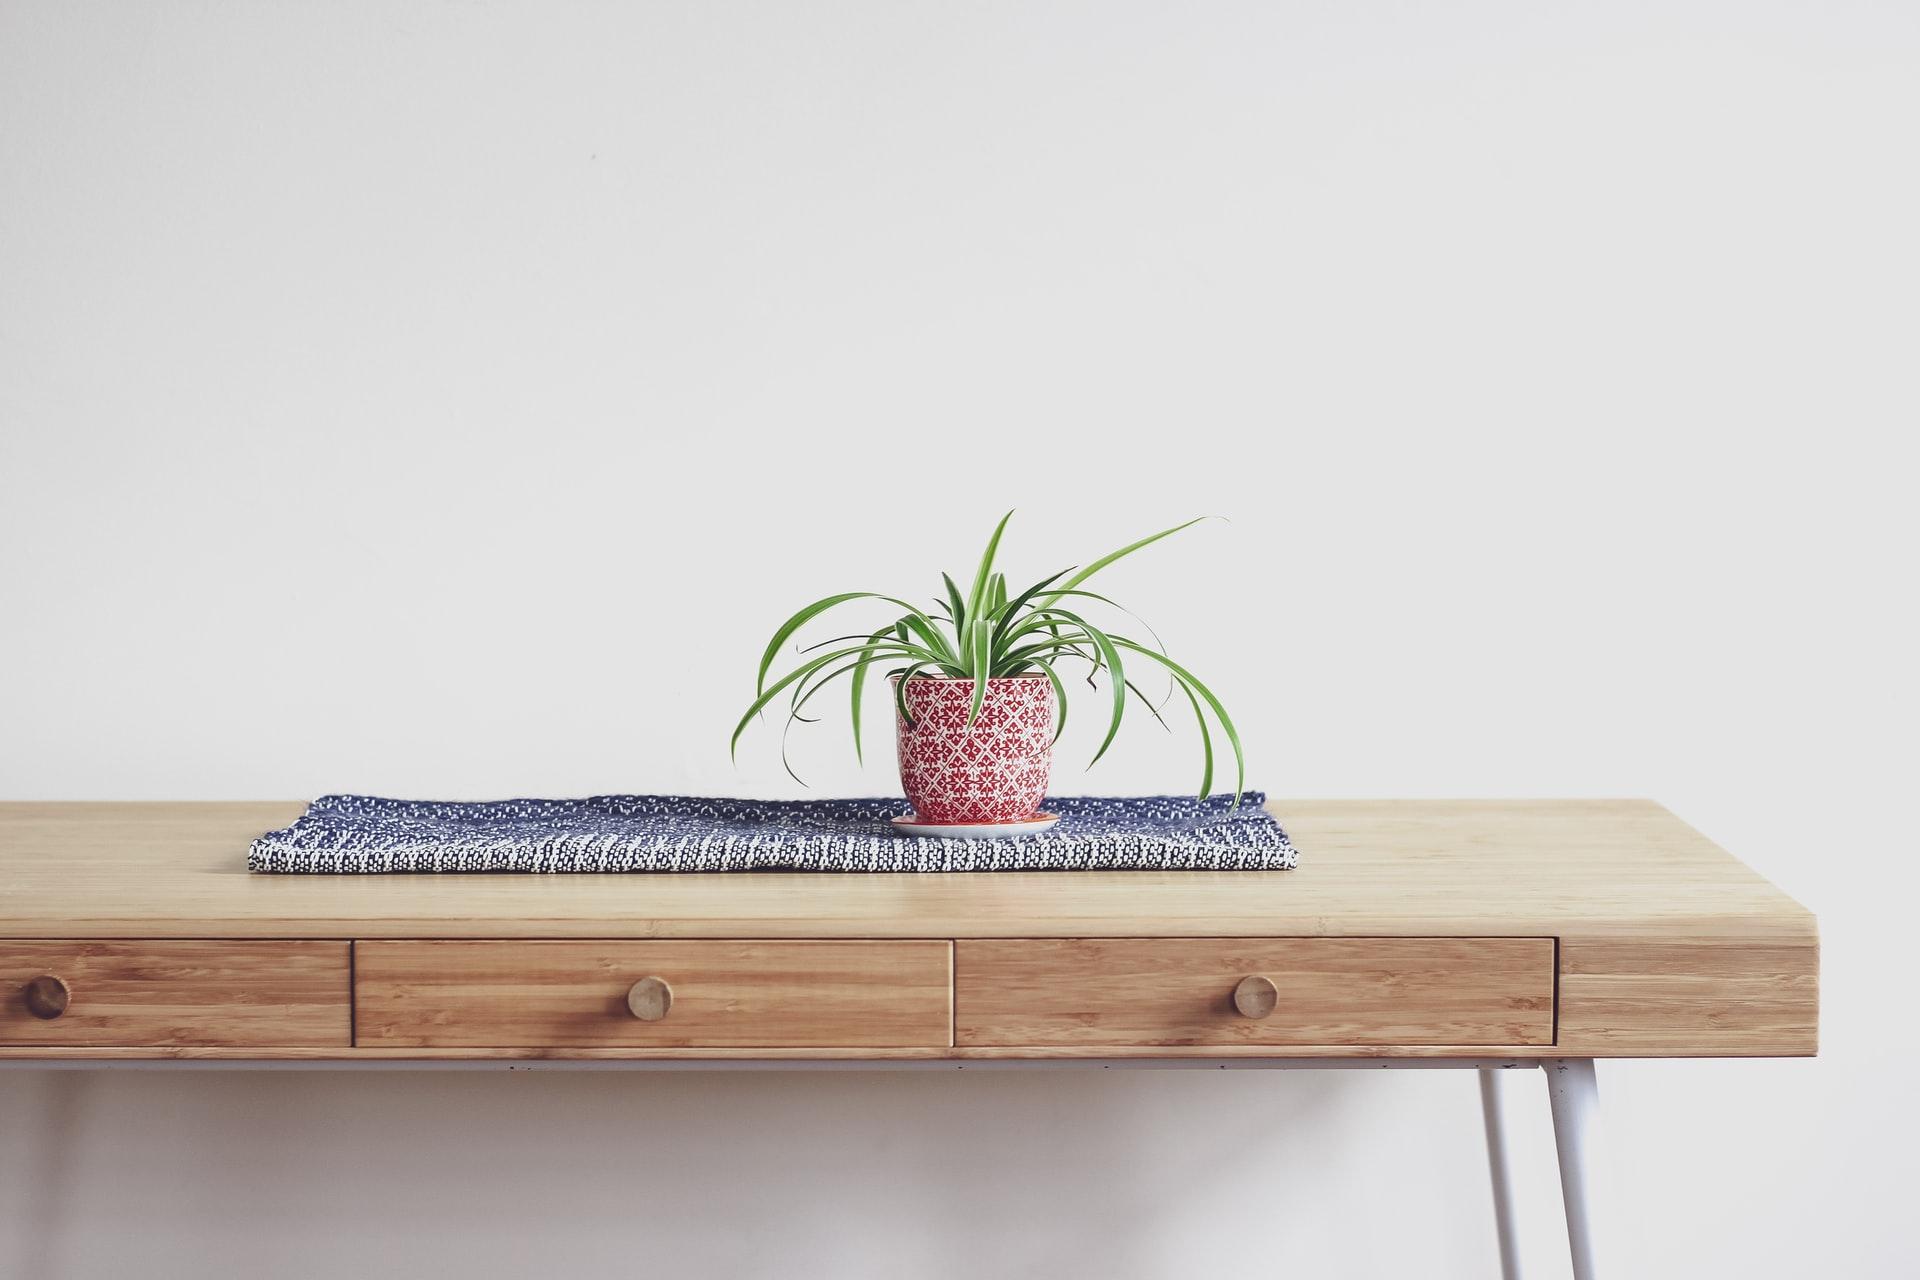 Hoe kies je een passende tafel voor het huis?